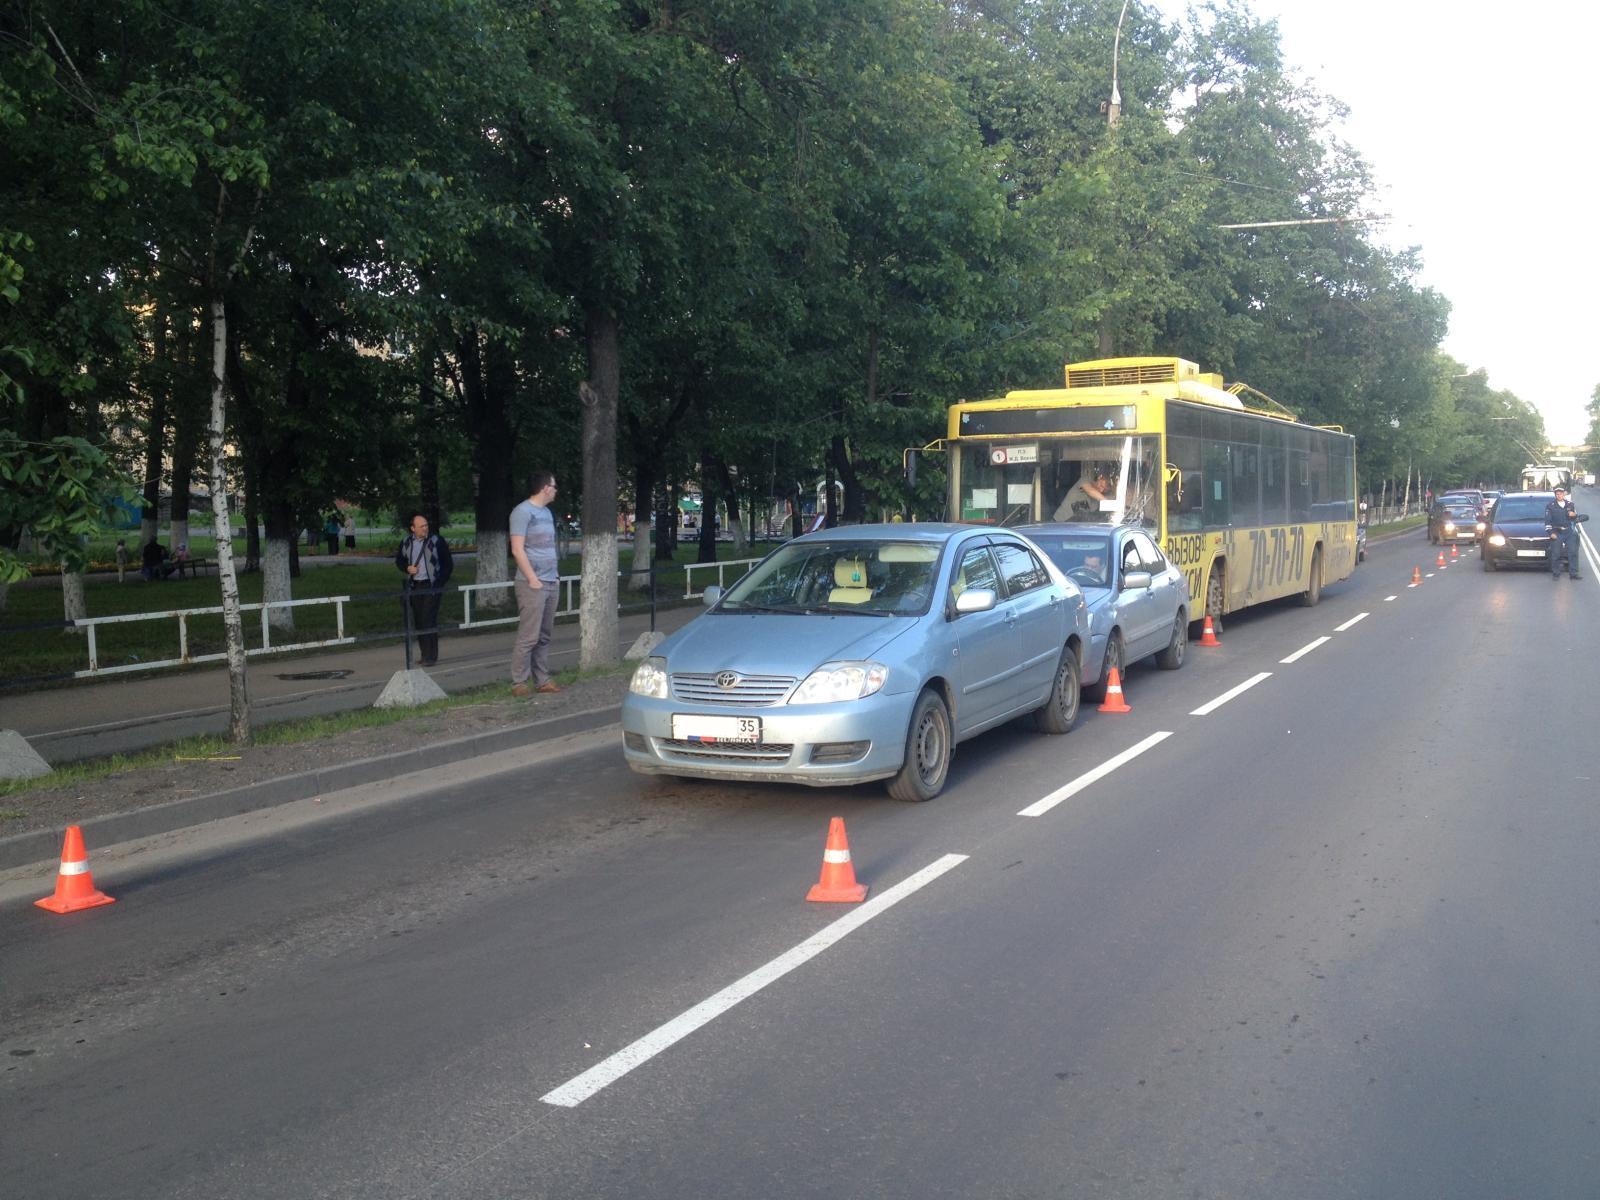 В Вологде троллейбус спровоцировал ДТП с двумя легковыми авто